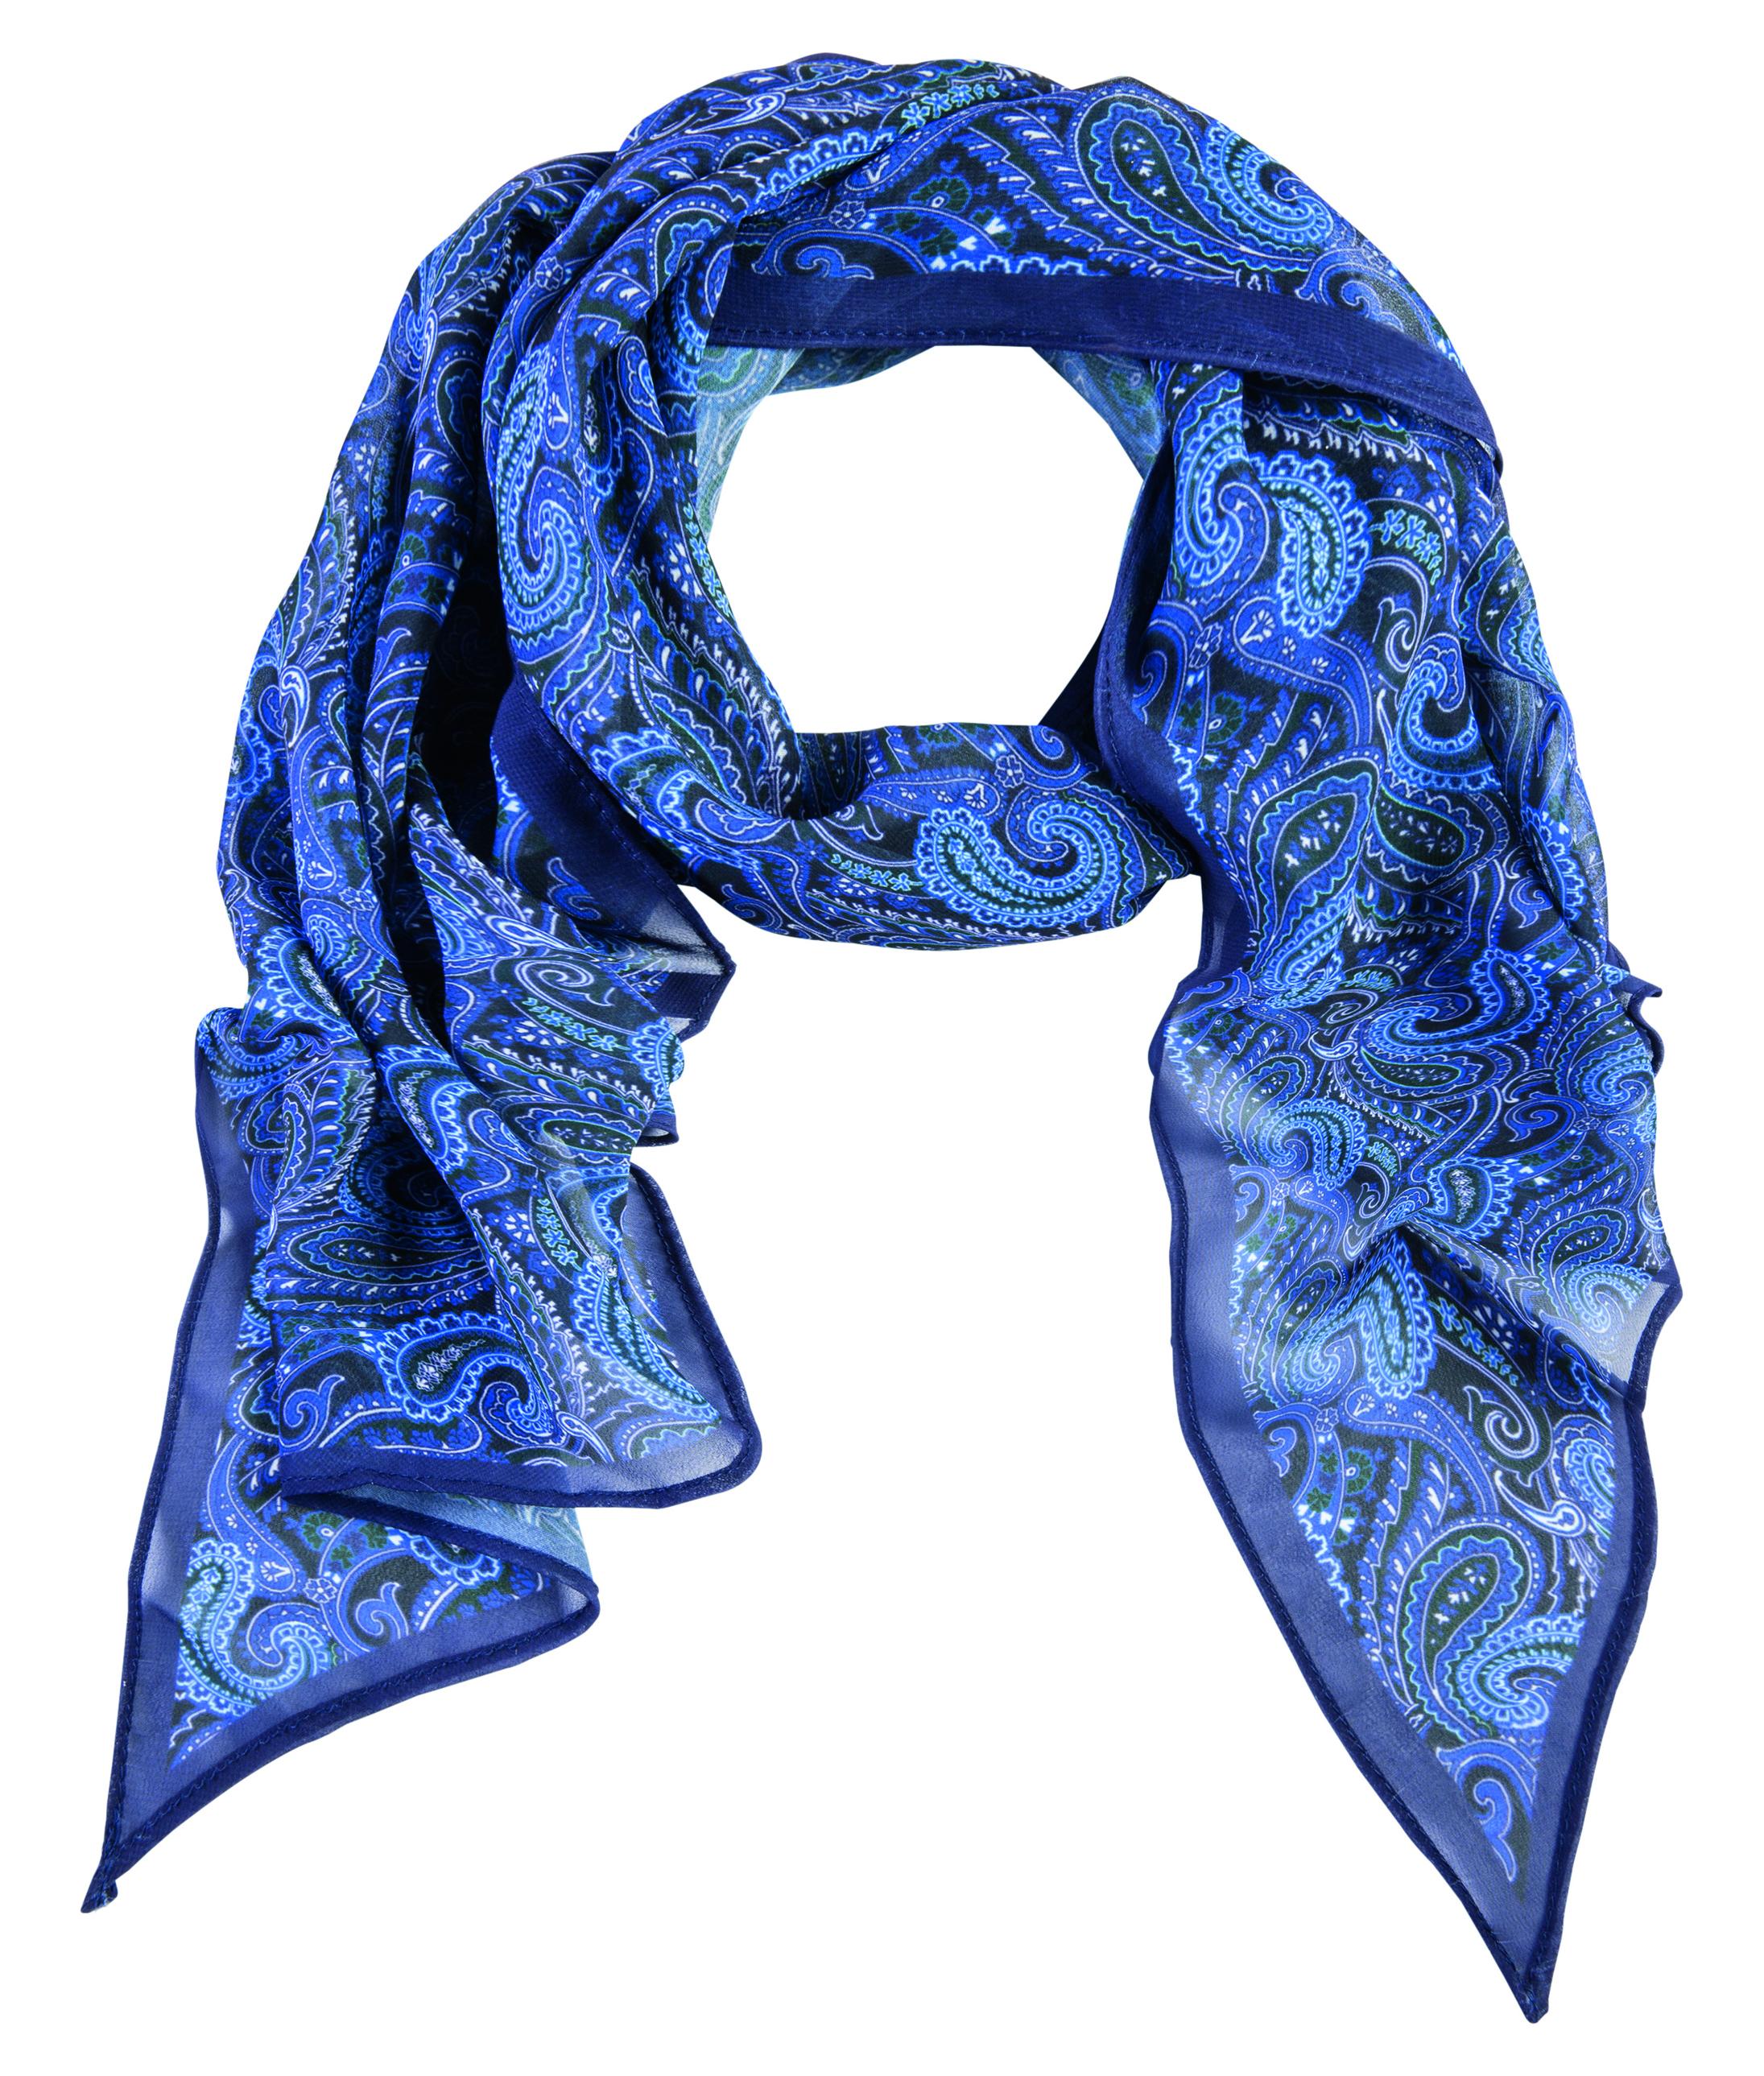 Greiff Damentuch bleu G 6916.9920 b